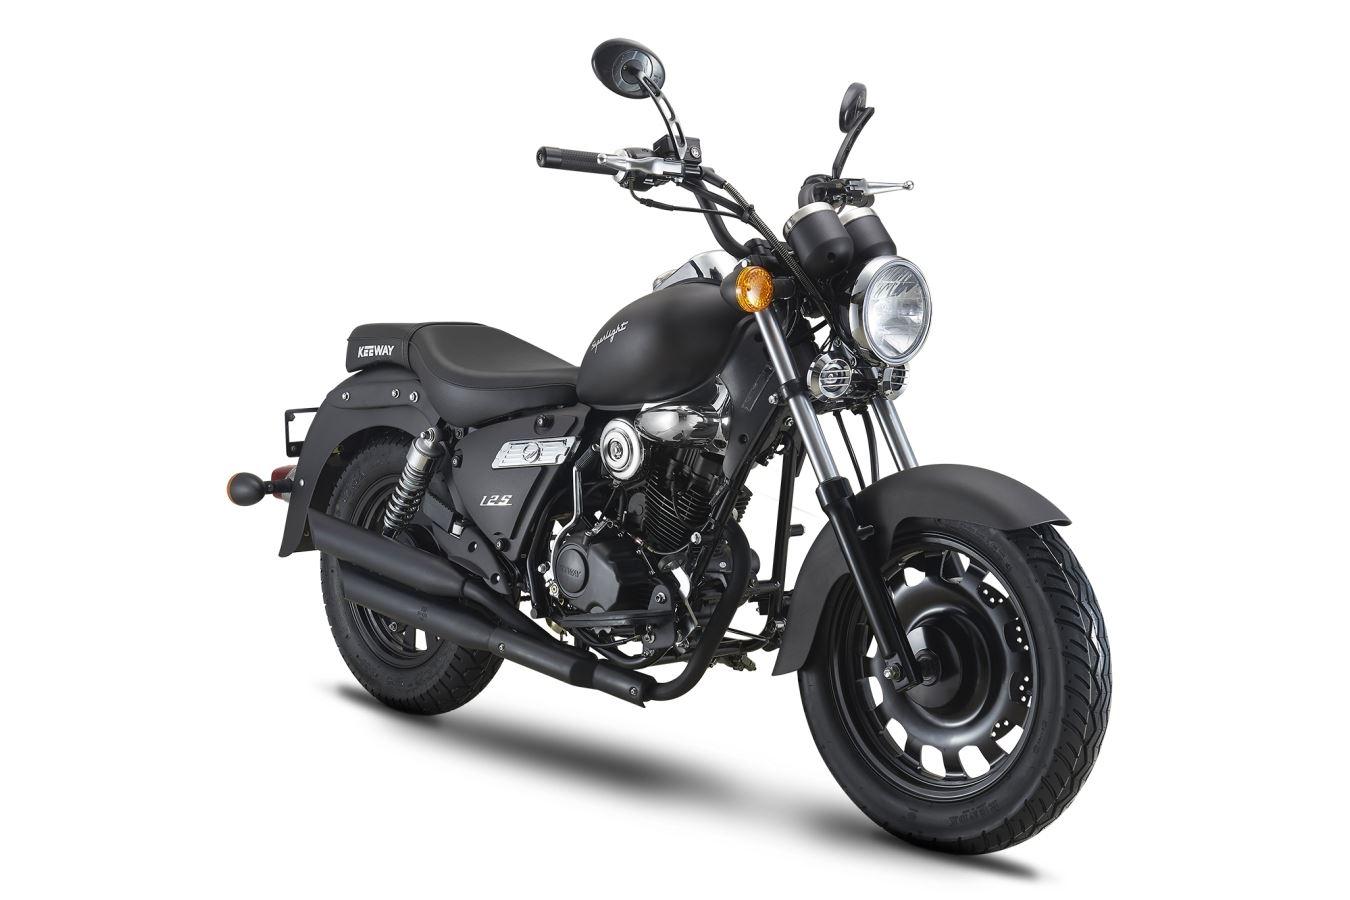 keeway superlight 125 e l moto moto 125 andar de moto. Black Bedroom Furniture Sets. Home Design Ideas